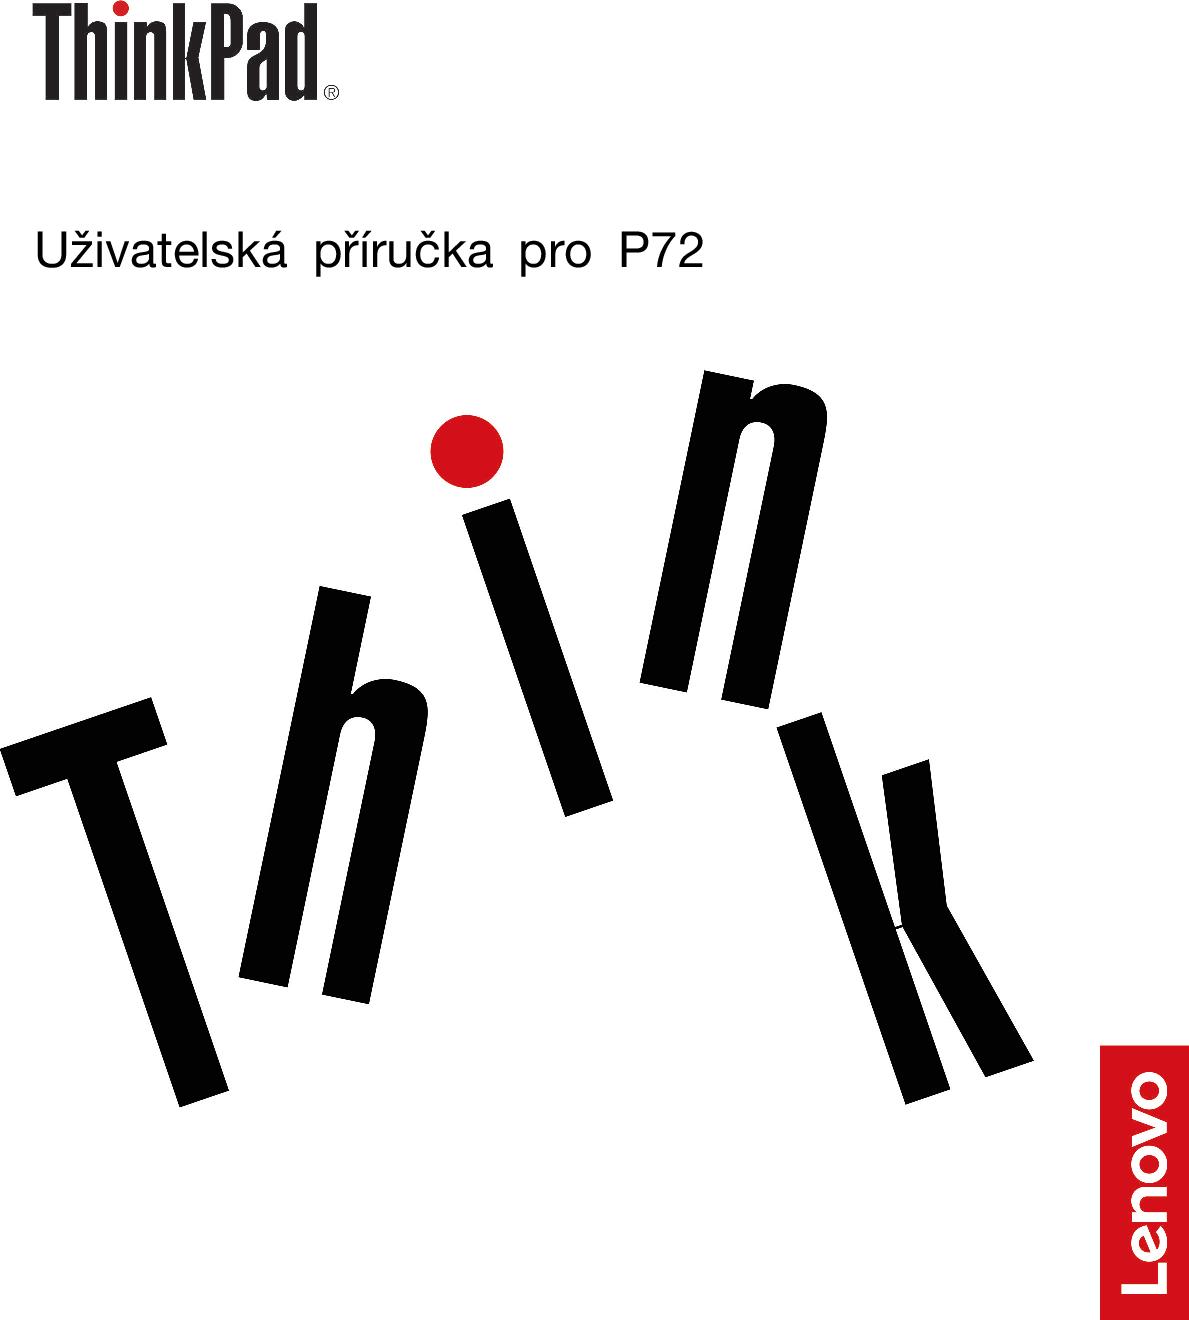 Lenovo Uživatelská Příručka Pro P72 (Czech) User Guide